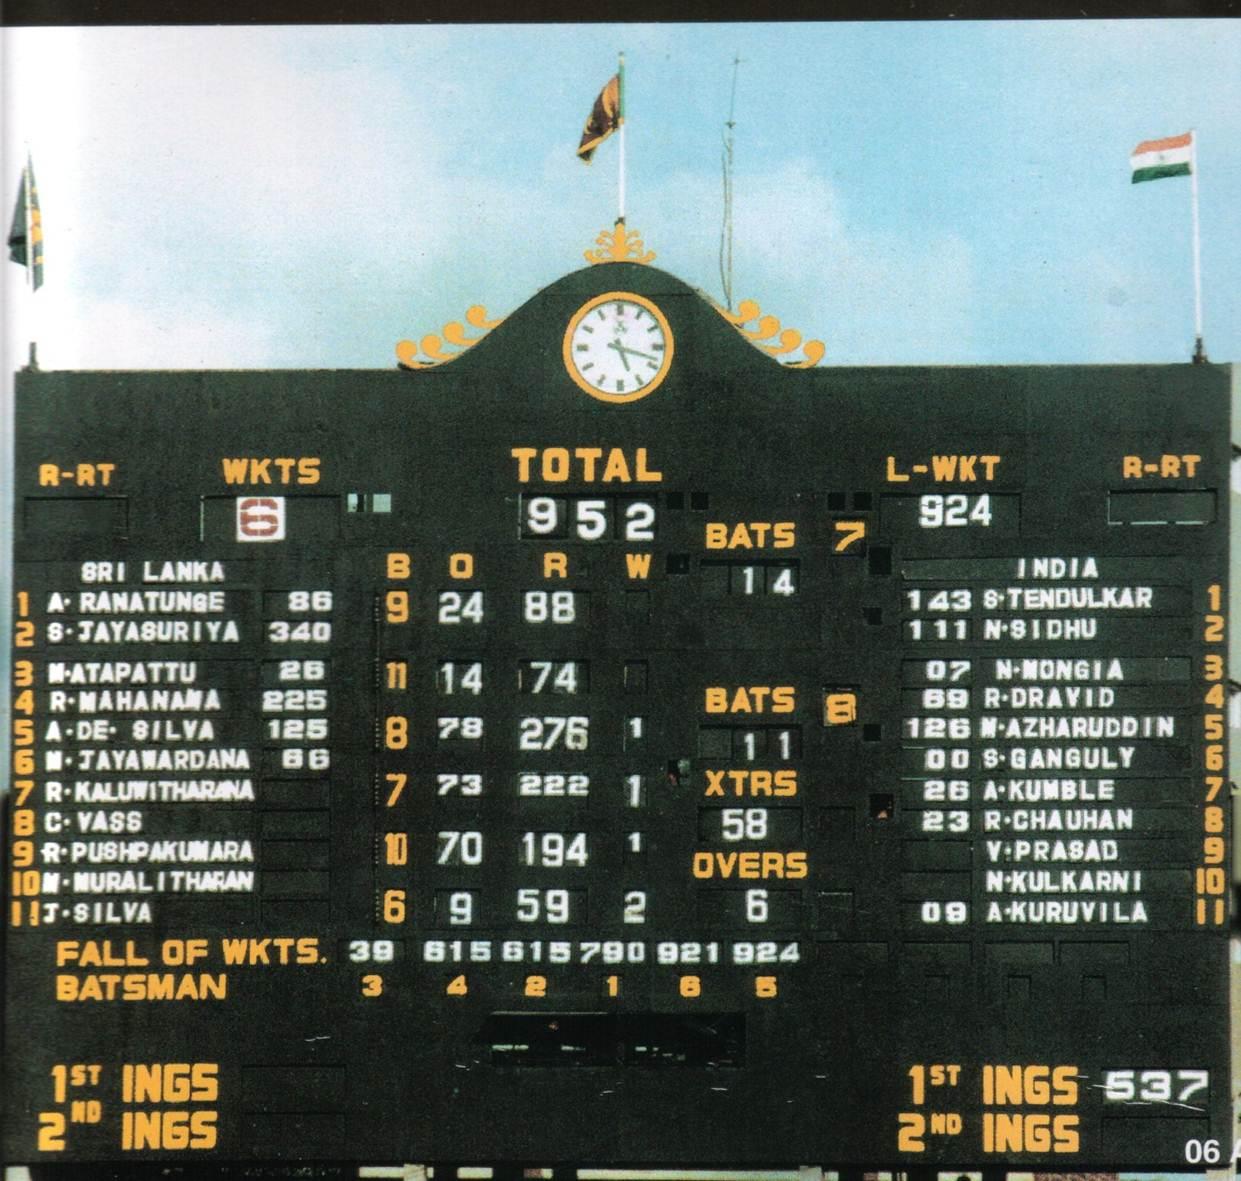 india vs sri lanka highest score, india vs sri lanka 1997 test match scorecard, sri lanka 952 vs india, highest partnership in test, highest test partnership, sanath jaysuriya, roshan mahanama, sanath jaysuriya 340, ind vs sri lanka, भारत वि श्रीलंका १९९७, टेस्ट मॅच, श्रीलंका ९५२ रन